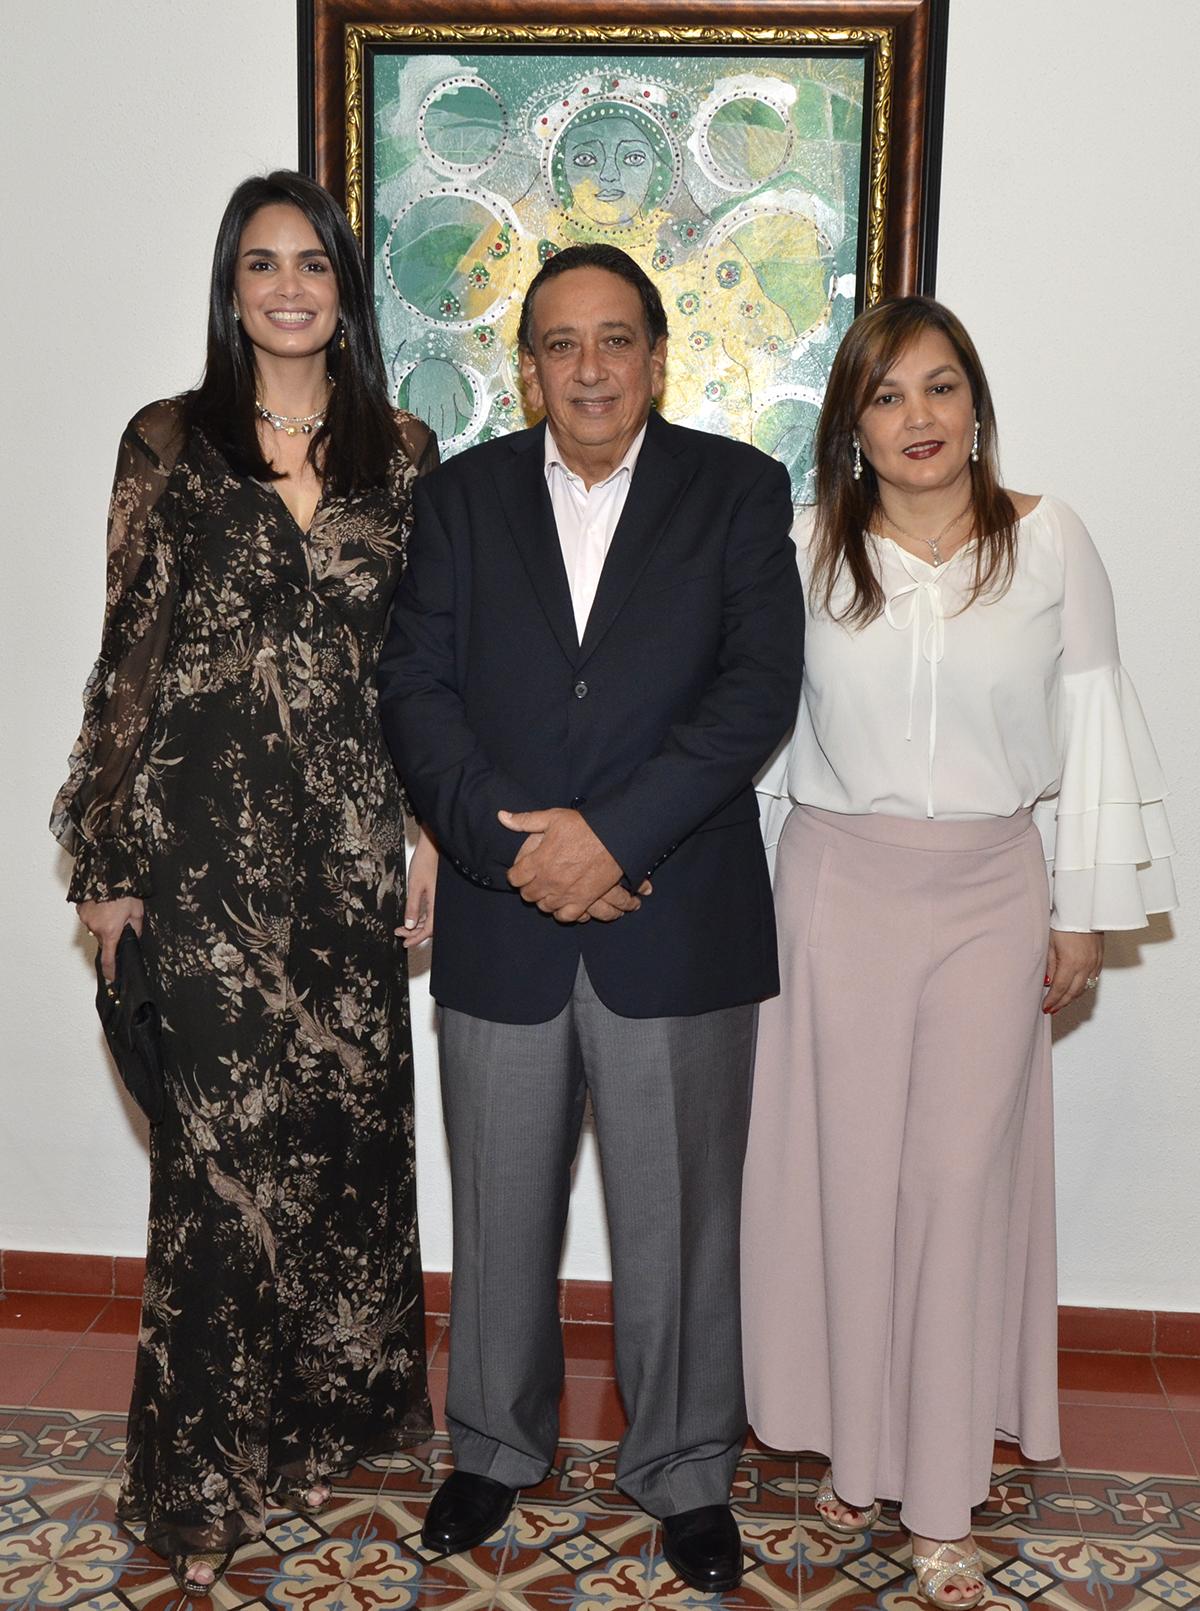 Foto 4 Judith Cury, Juan Cury y Maggy de Cury.JPG